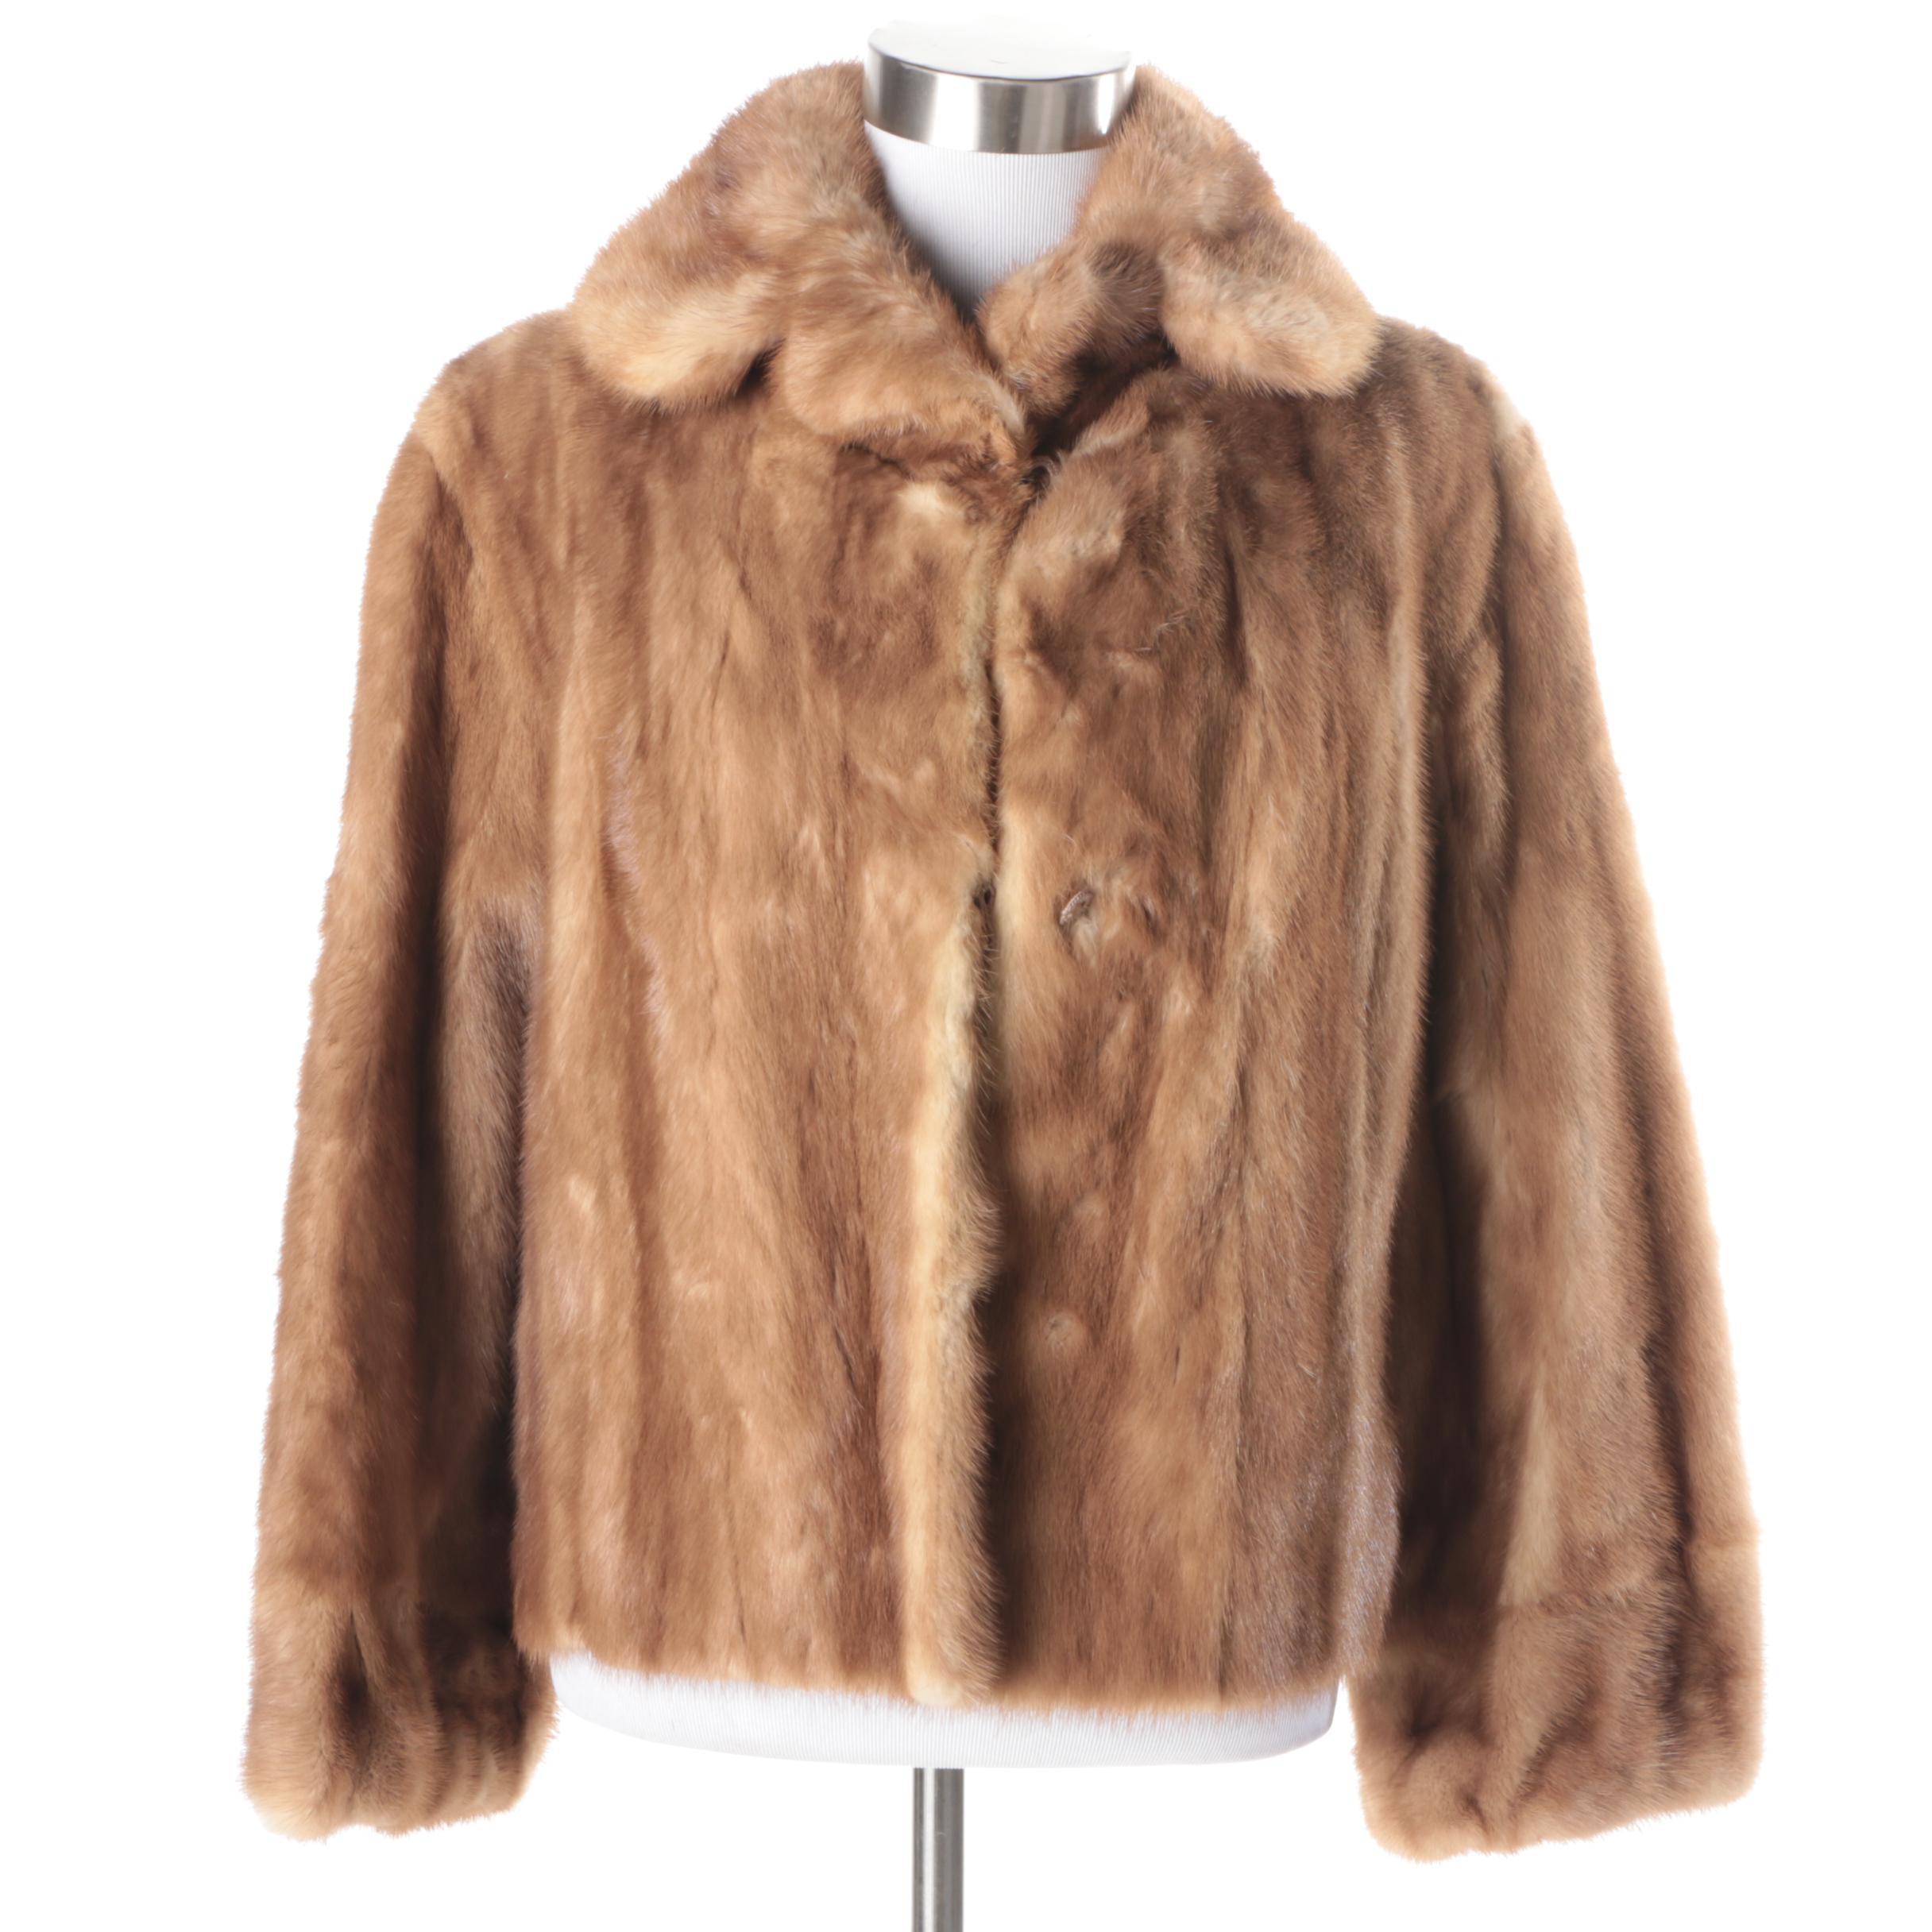 Women's Mink Fur Jacket